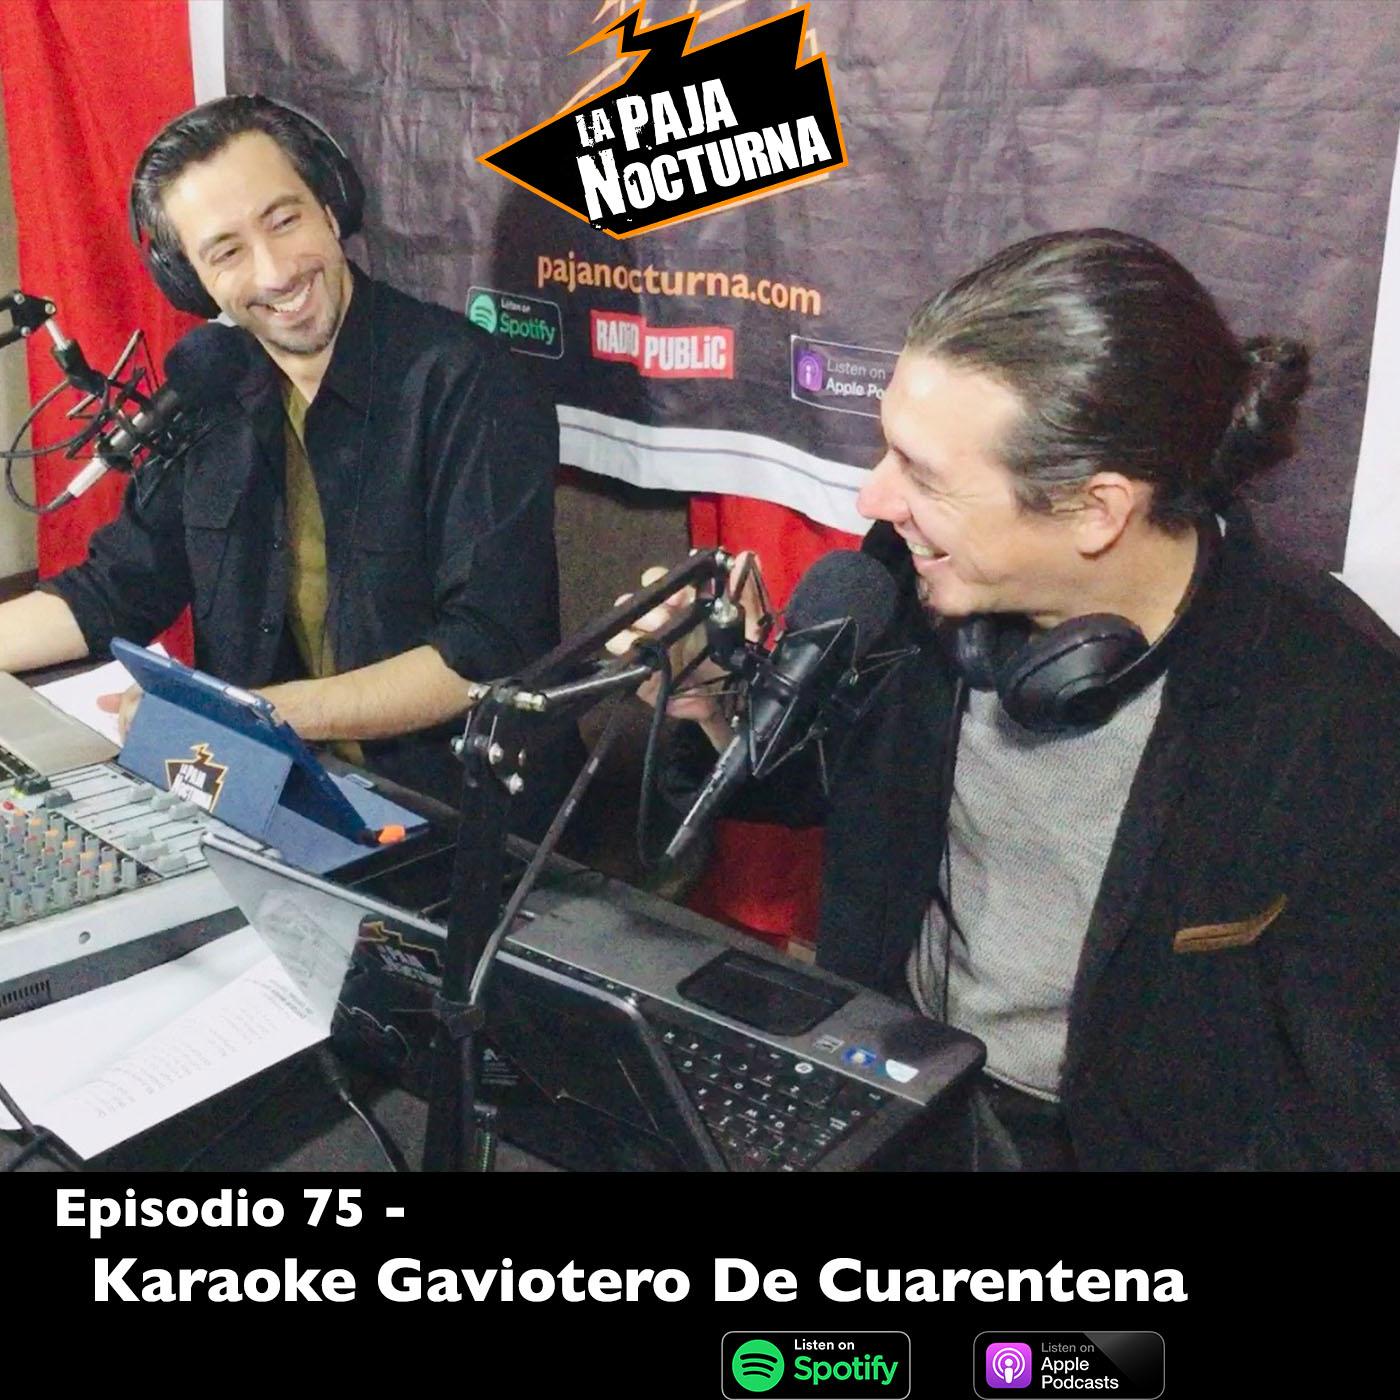 La paja nocturna podcast Episodio 75